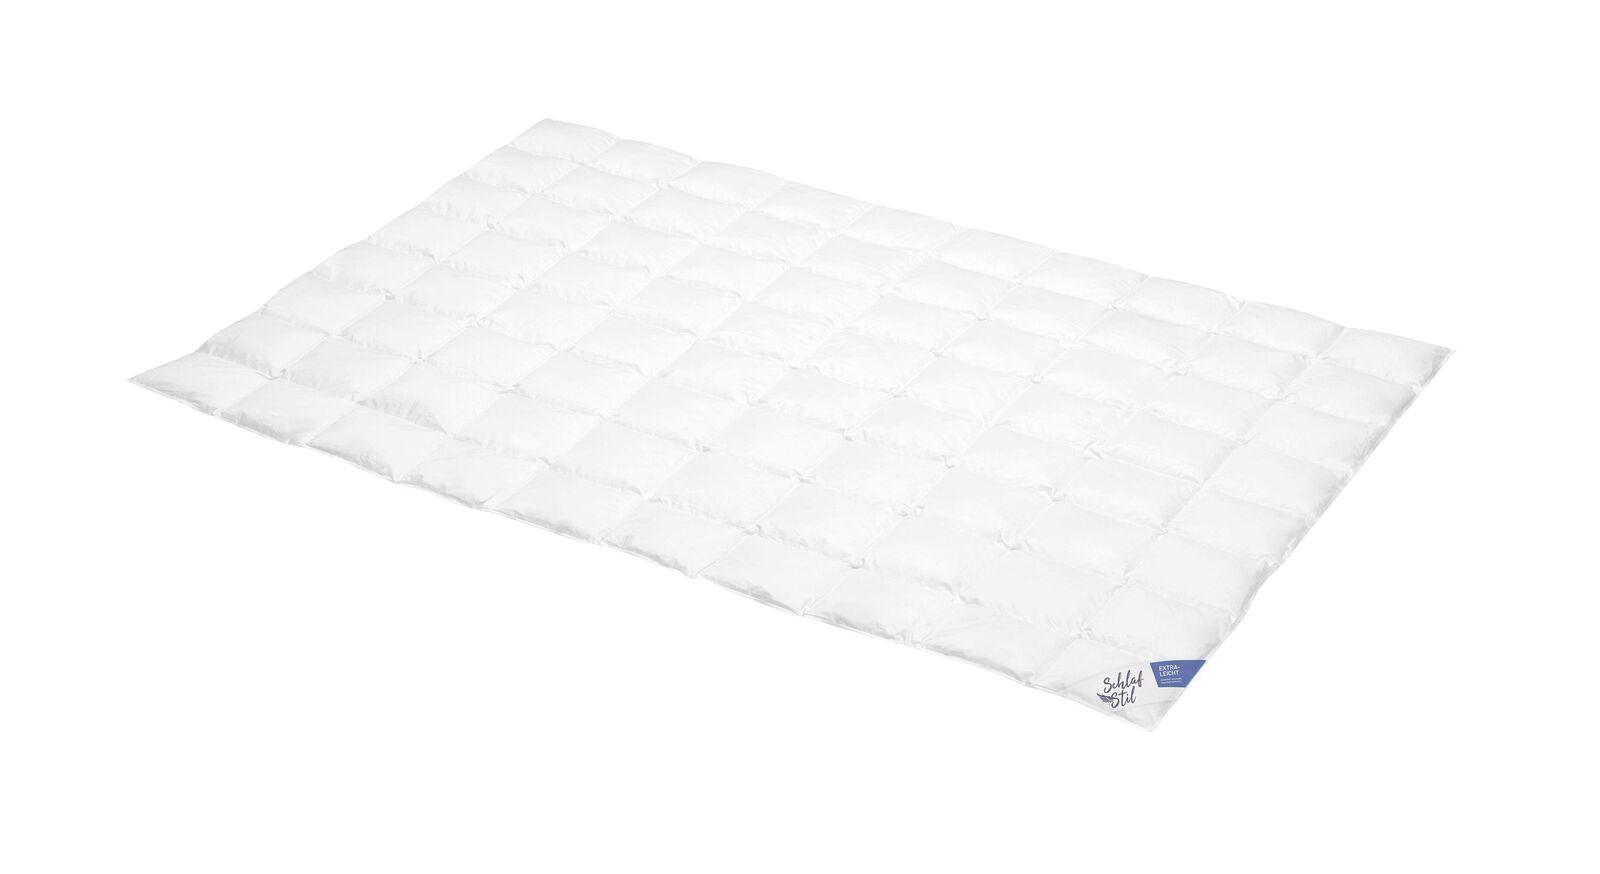 SCHLAFSTIL Daunen-Bettdecke D800 D700 D600 und D400 extra leicht